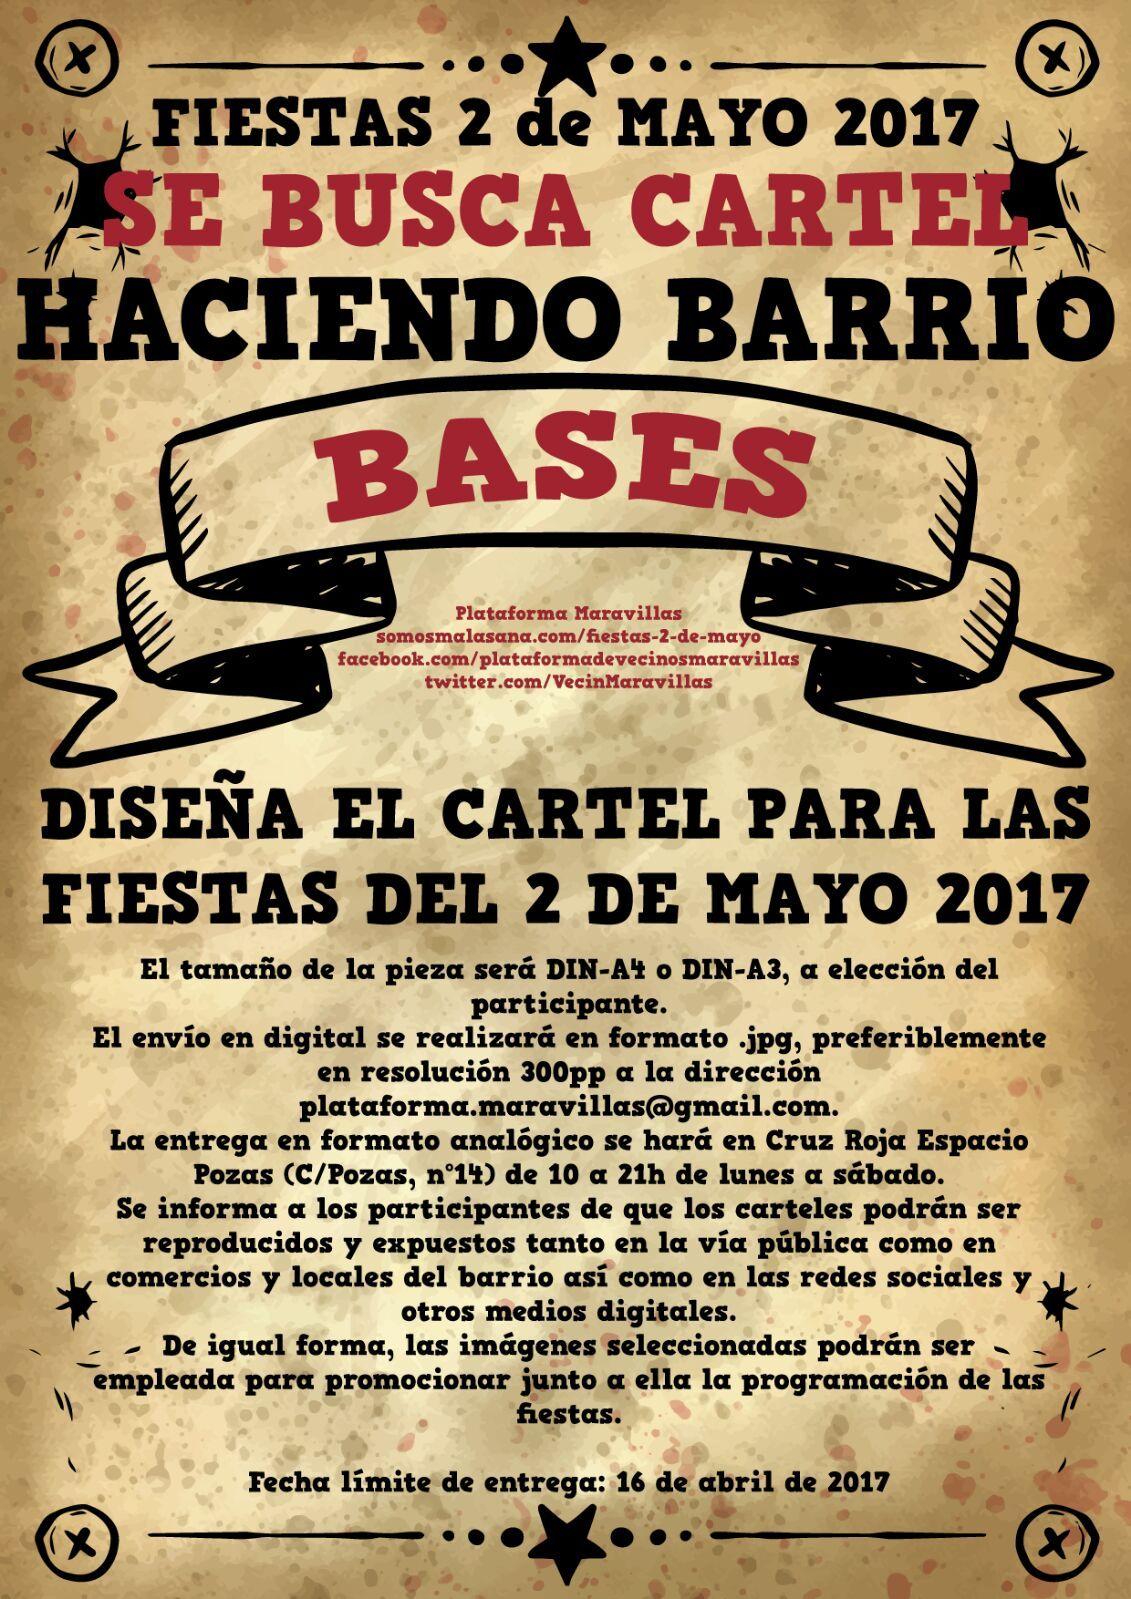 Se busca cartel para las fiestas del 2 de mayo de 2017 for Eventos madrid mayo 2017